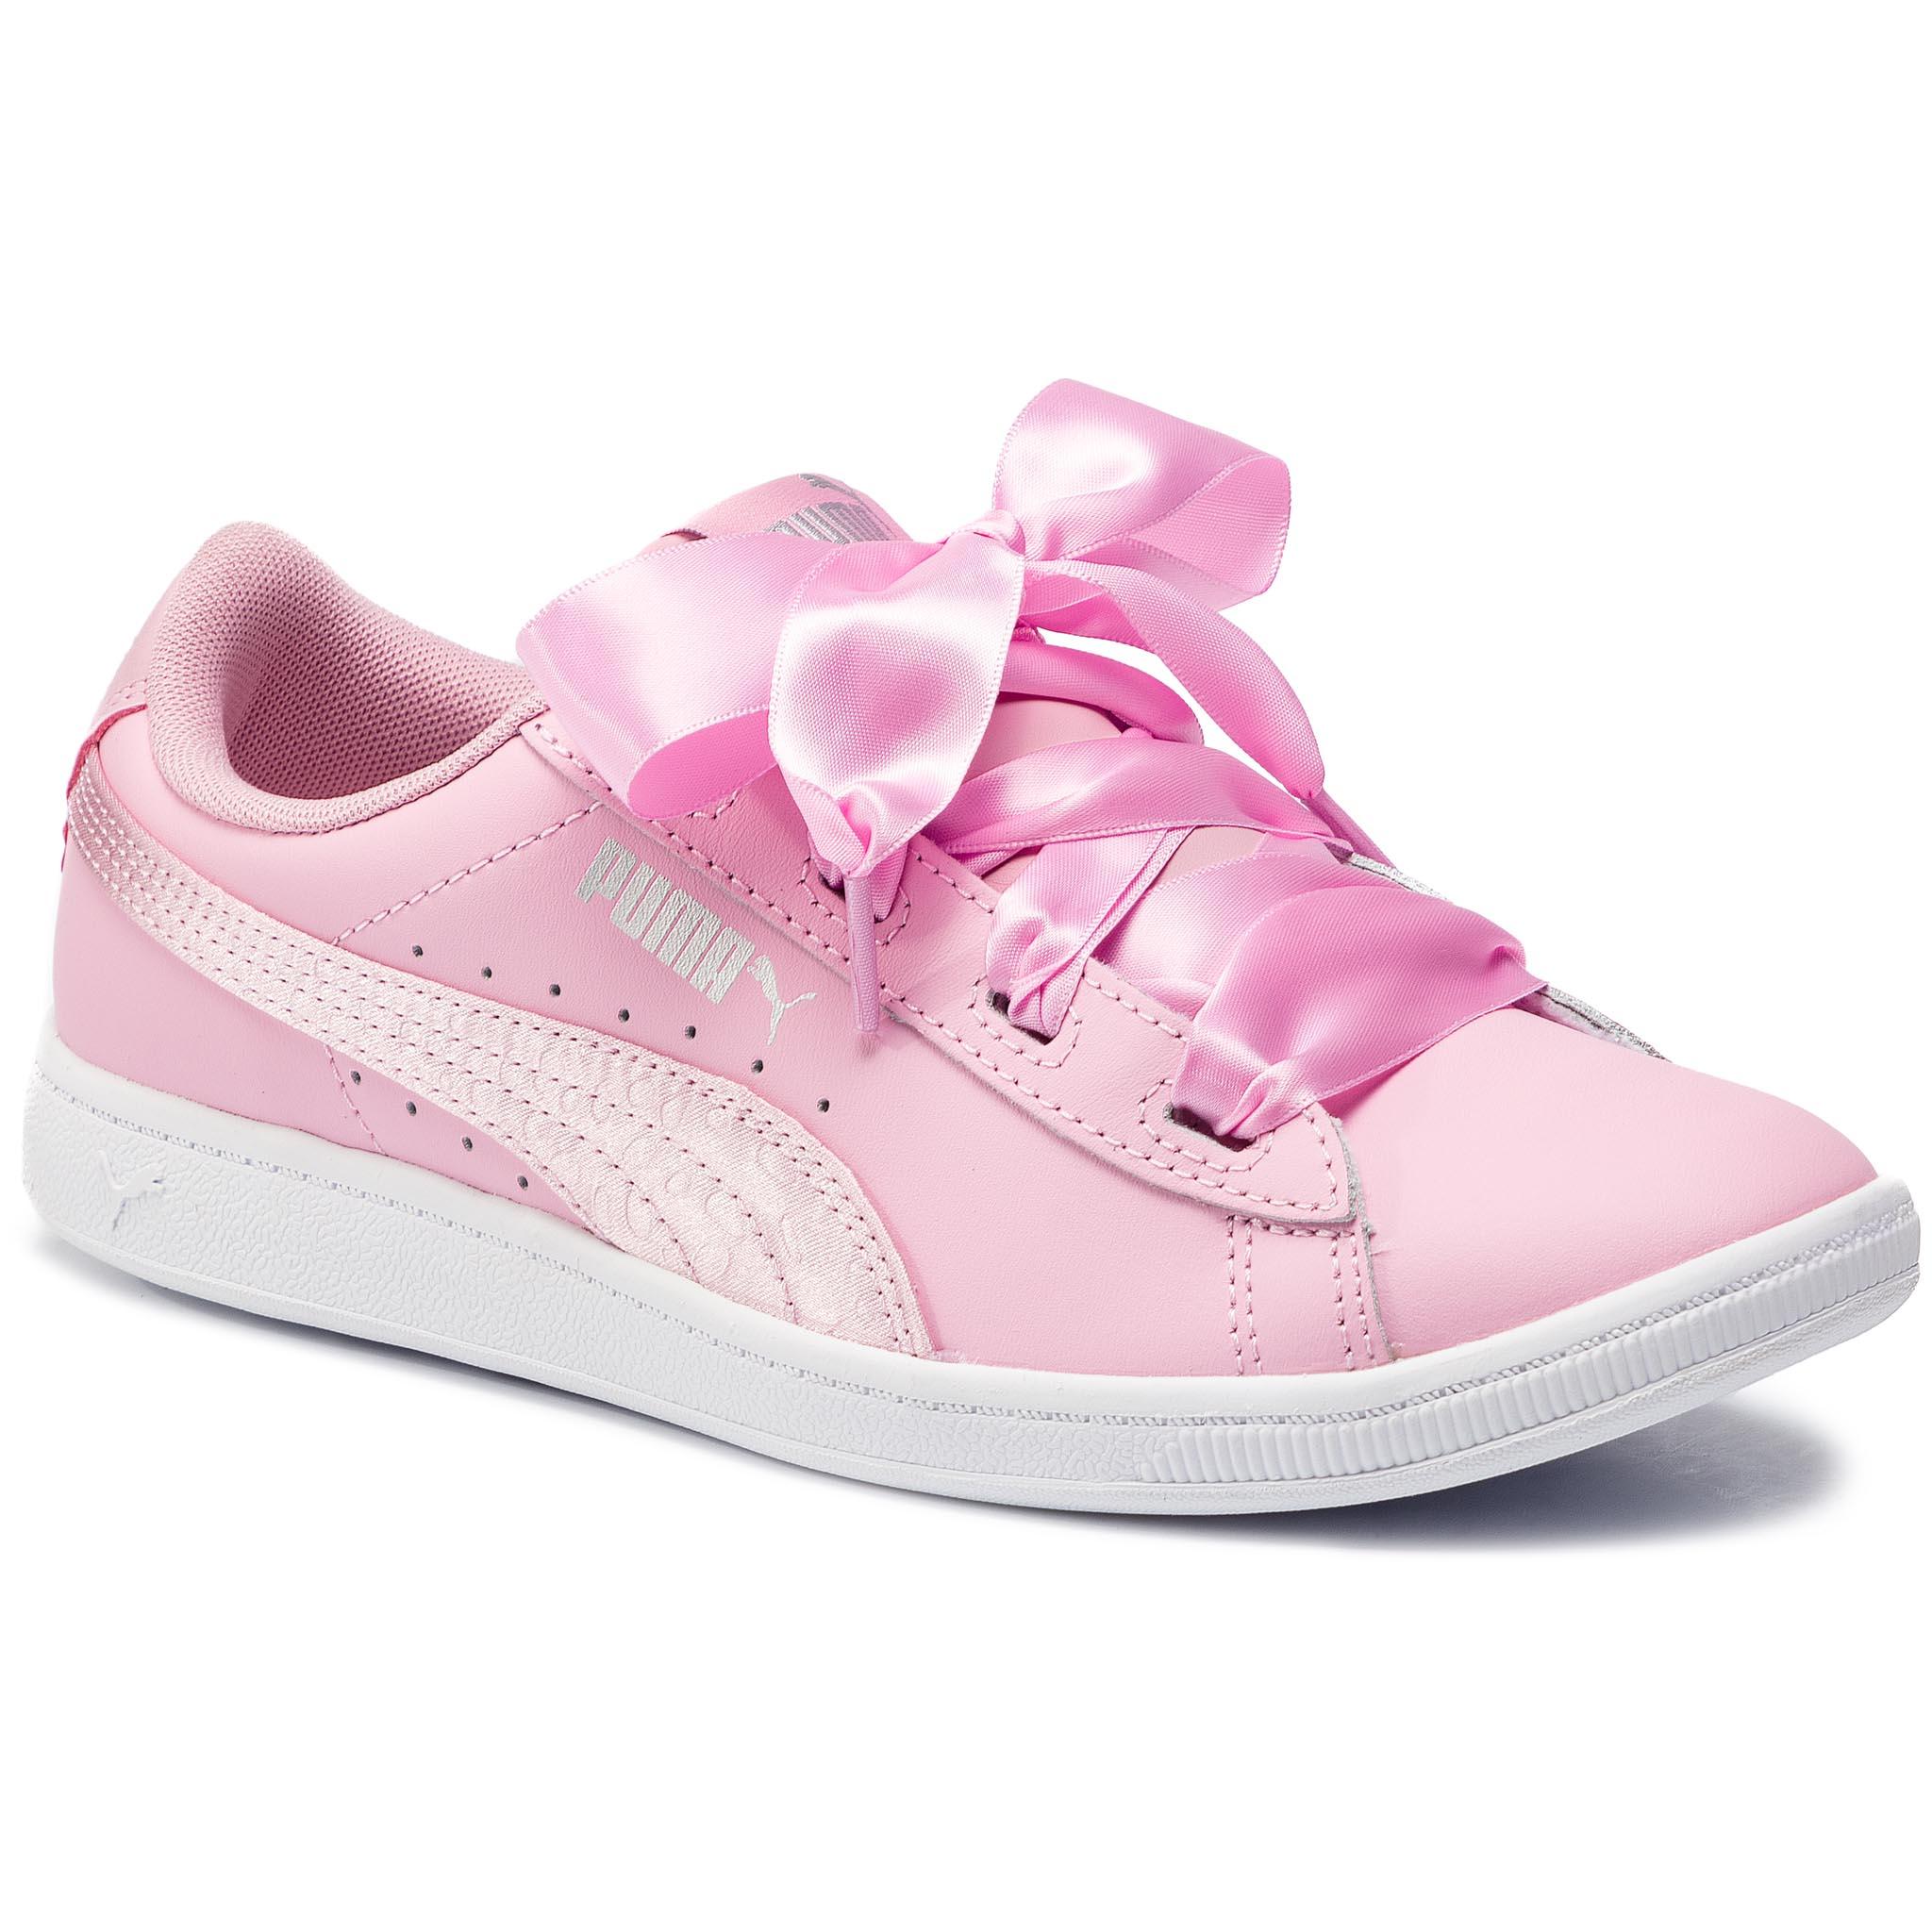 Sneakers PUMA Vikky Ribbon L Satin Jr 369542 01 Fair Aqua